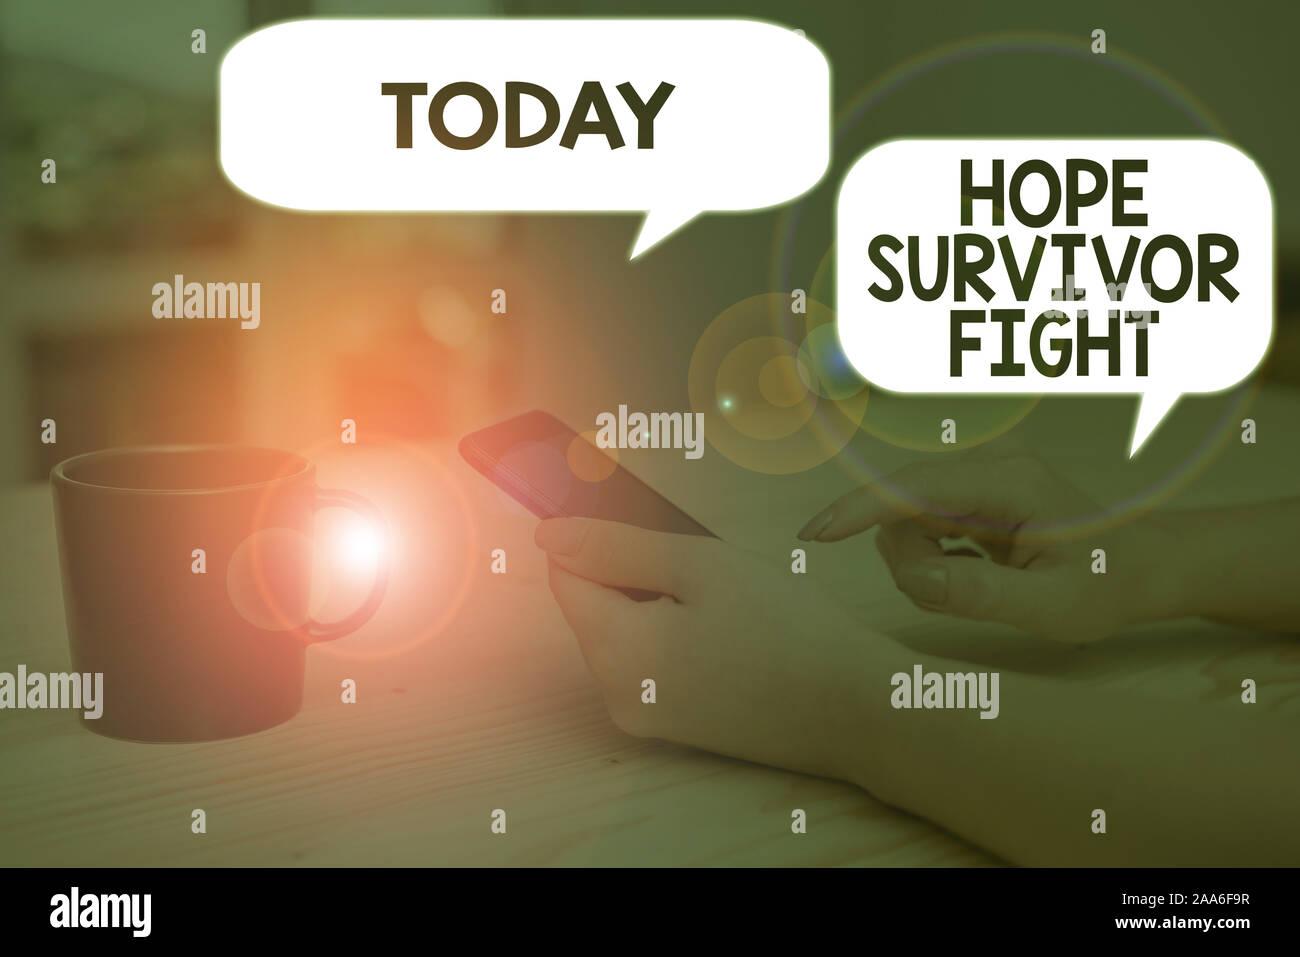 Signe texte montrant l'espoir survivant lutte. Texte photo entreprise position contre votre maladie être fighter stick à rêves Banque D'Images